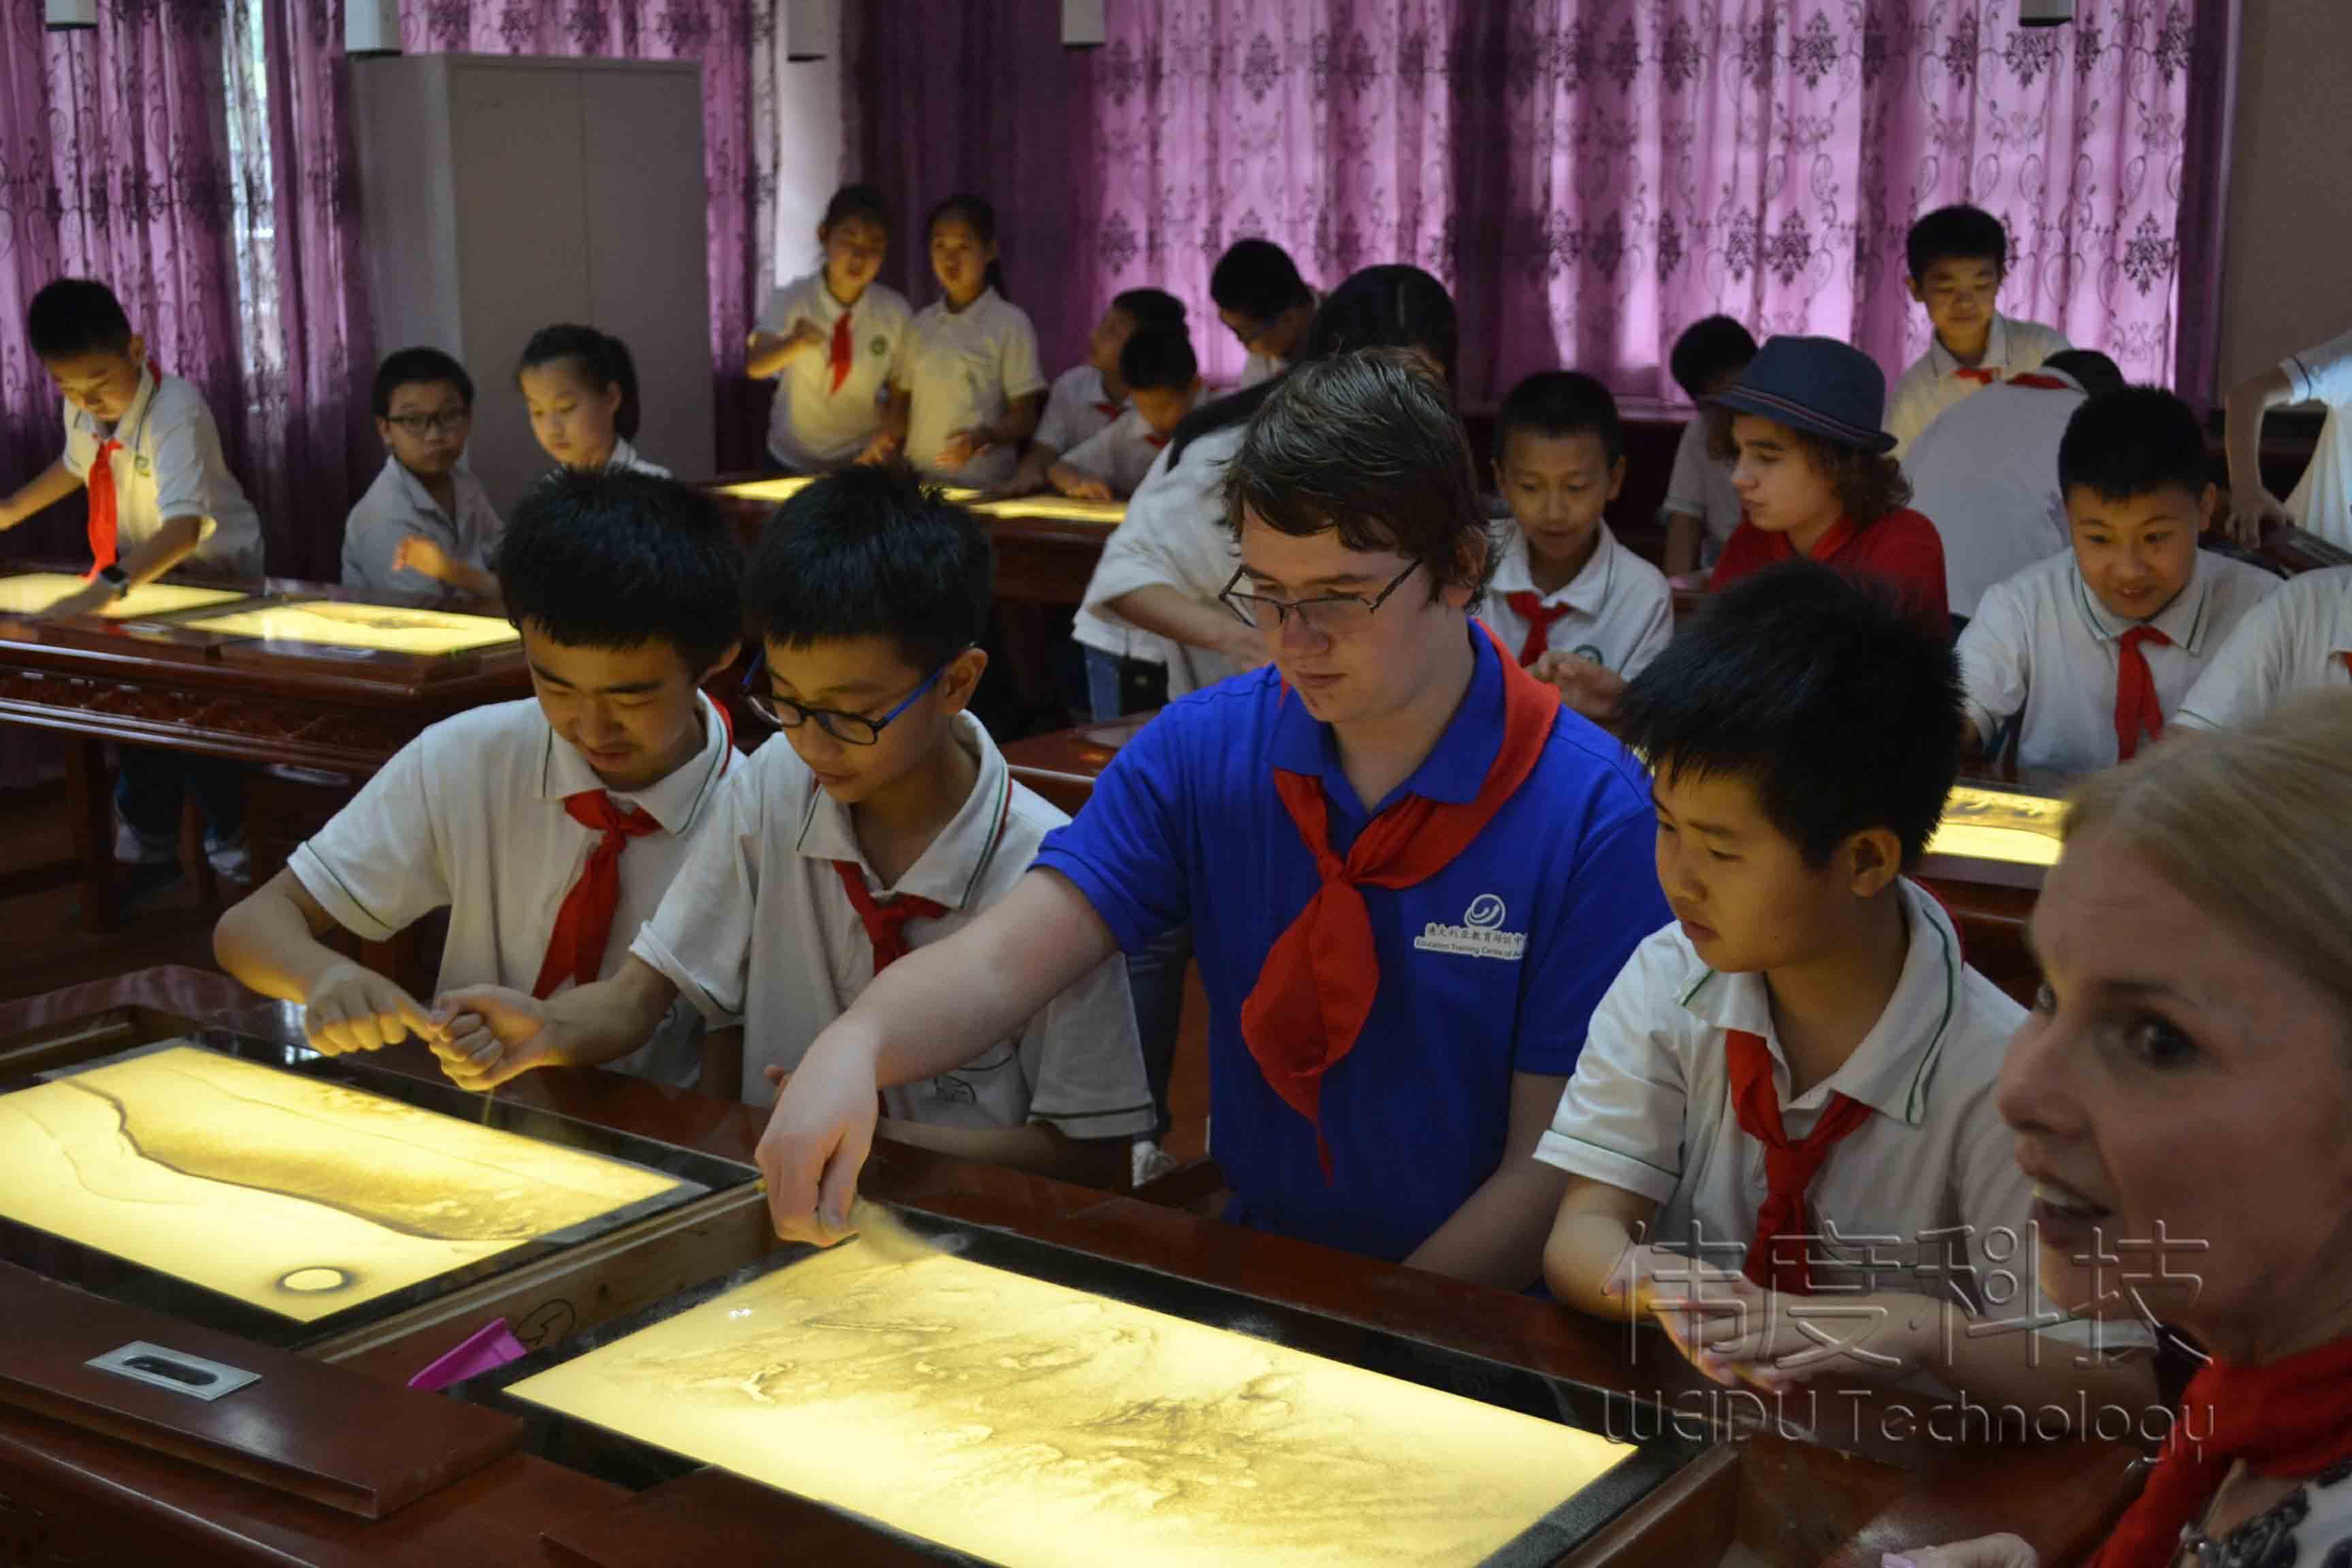 传播沙画艺术,华夏儿女与外国友人一同体验沙画课程